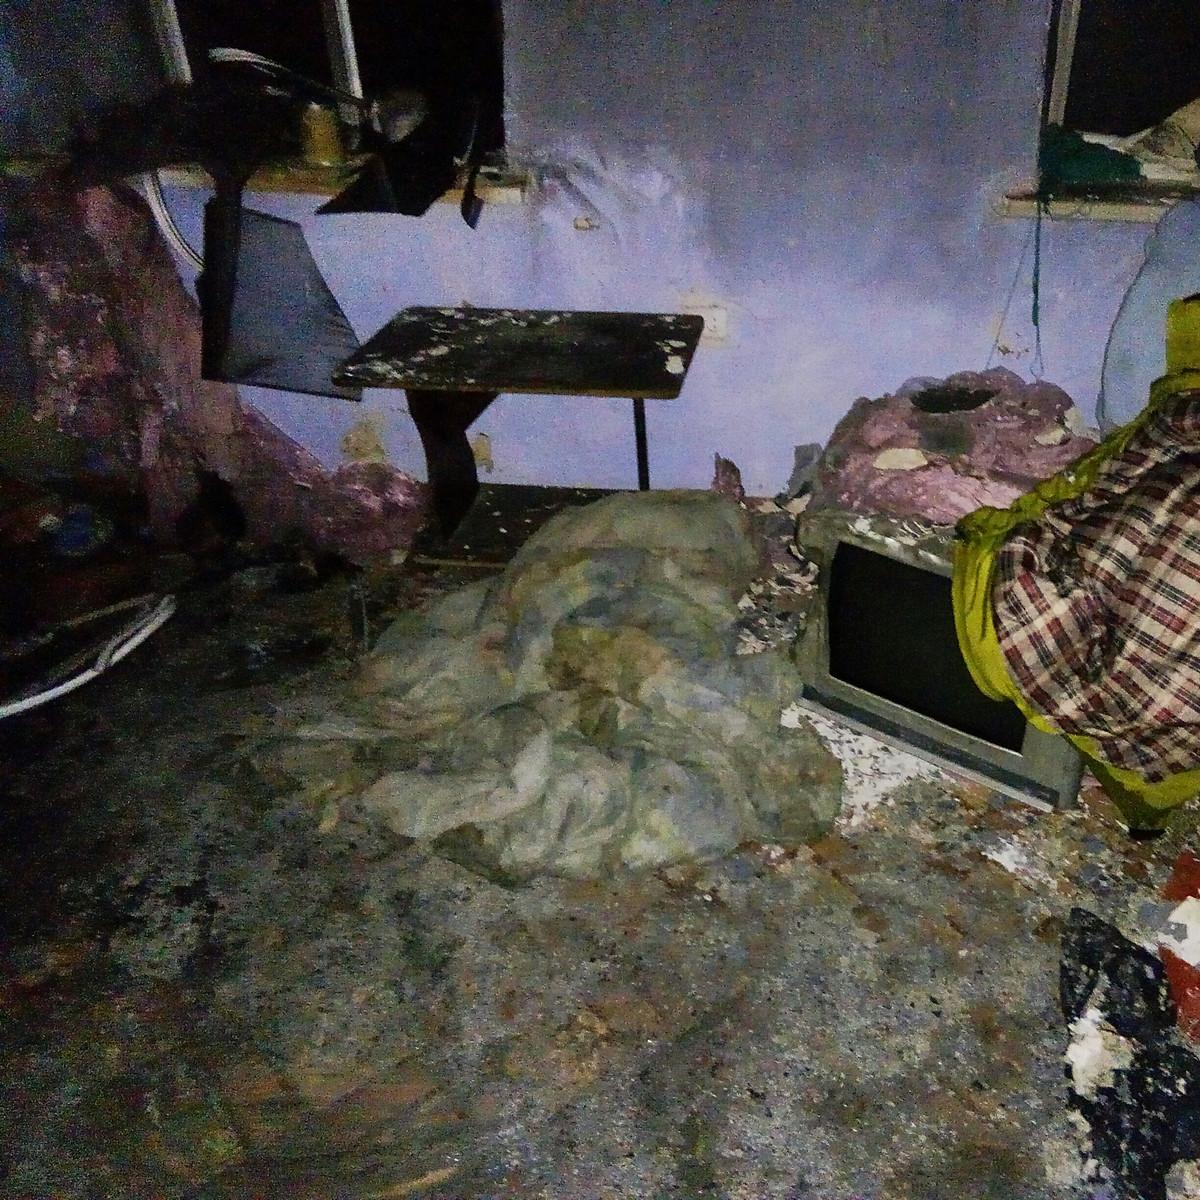 За минувшие сутки на Николаевщине в результате пожаров погиб 23-летний парень и пострадали две девочки (ФОТО), фото-3